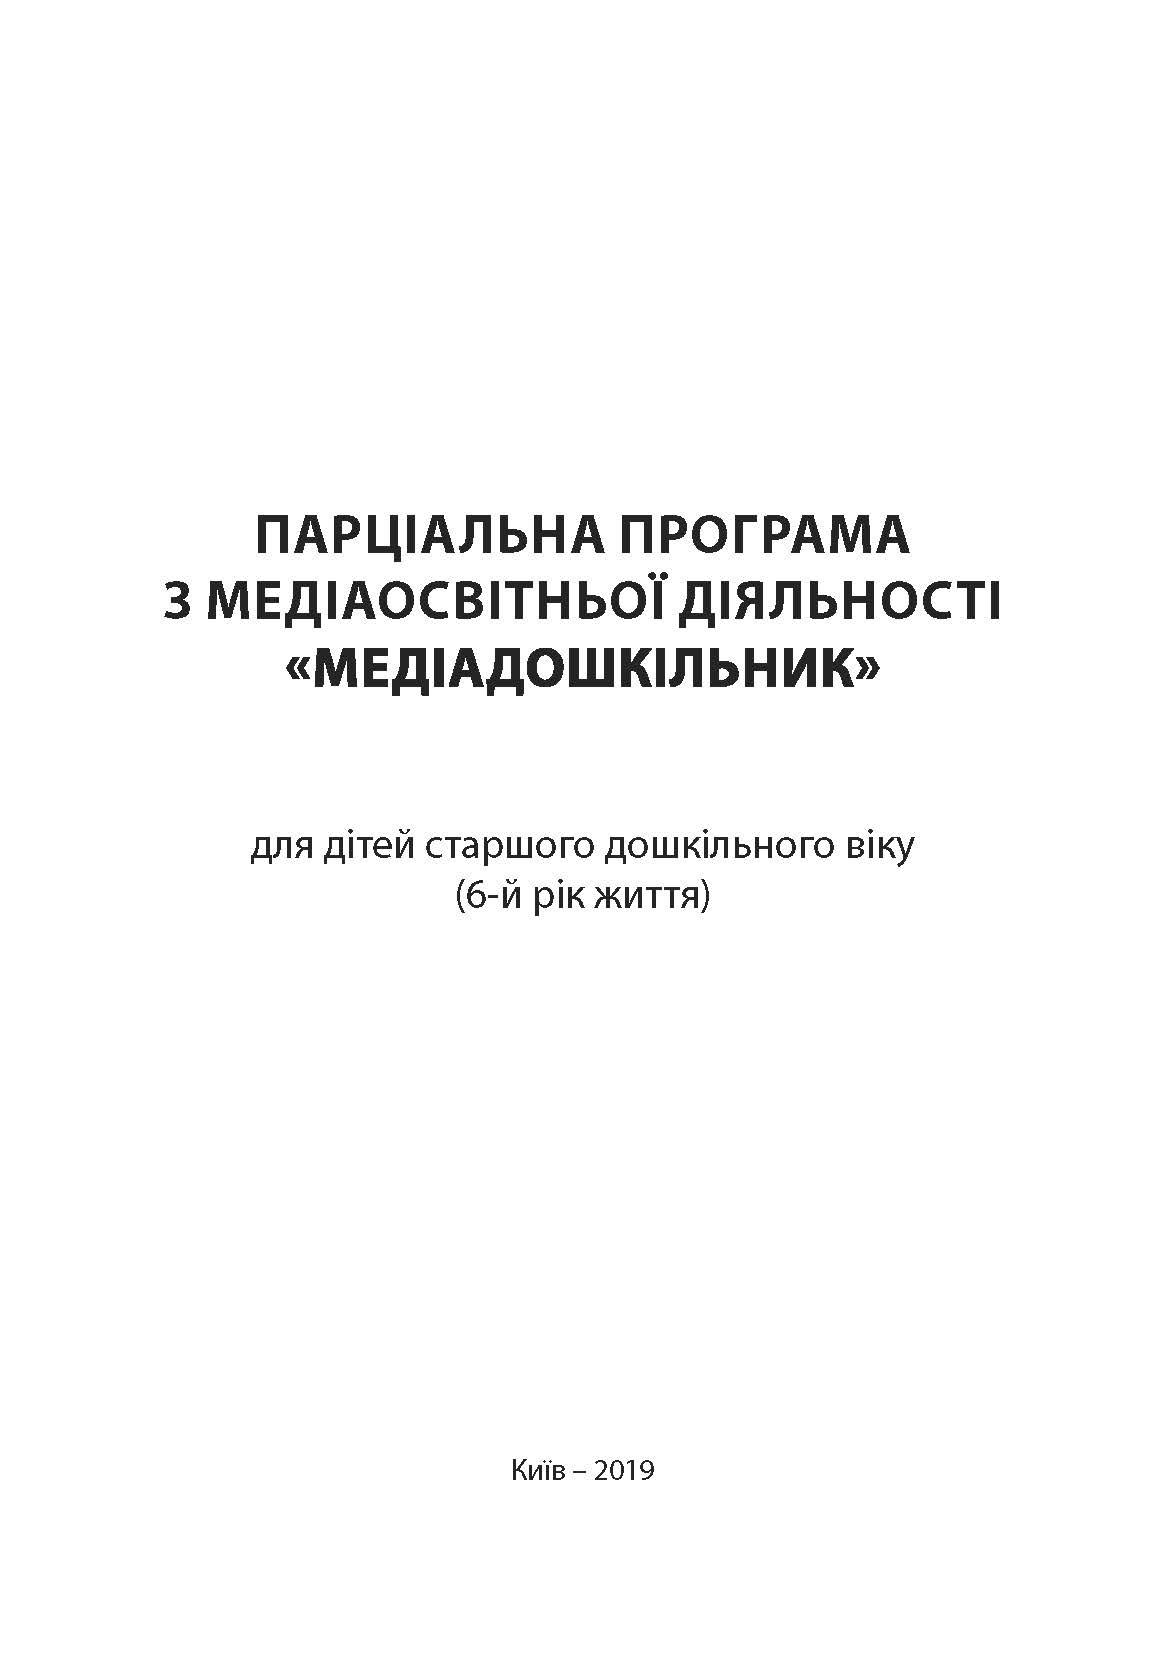 Медіадошкільник : парціальна програма з медіаосвітньої діяльності для дітей старшого дошкільного віку (6-й рік життя)